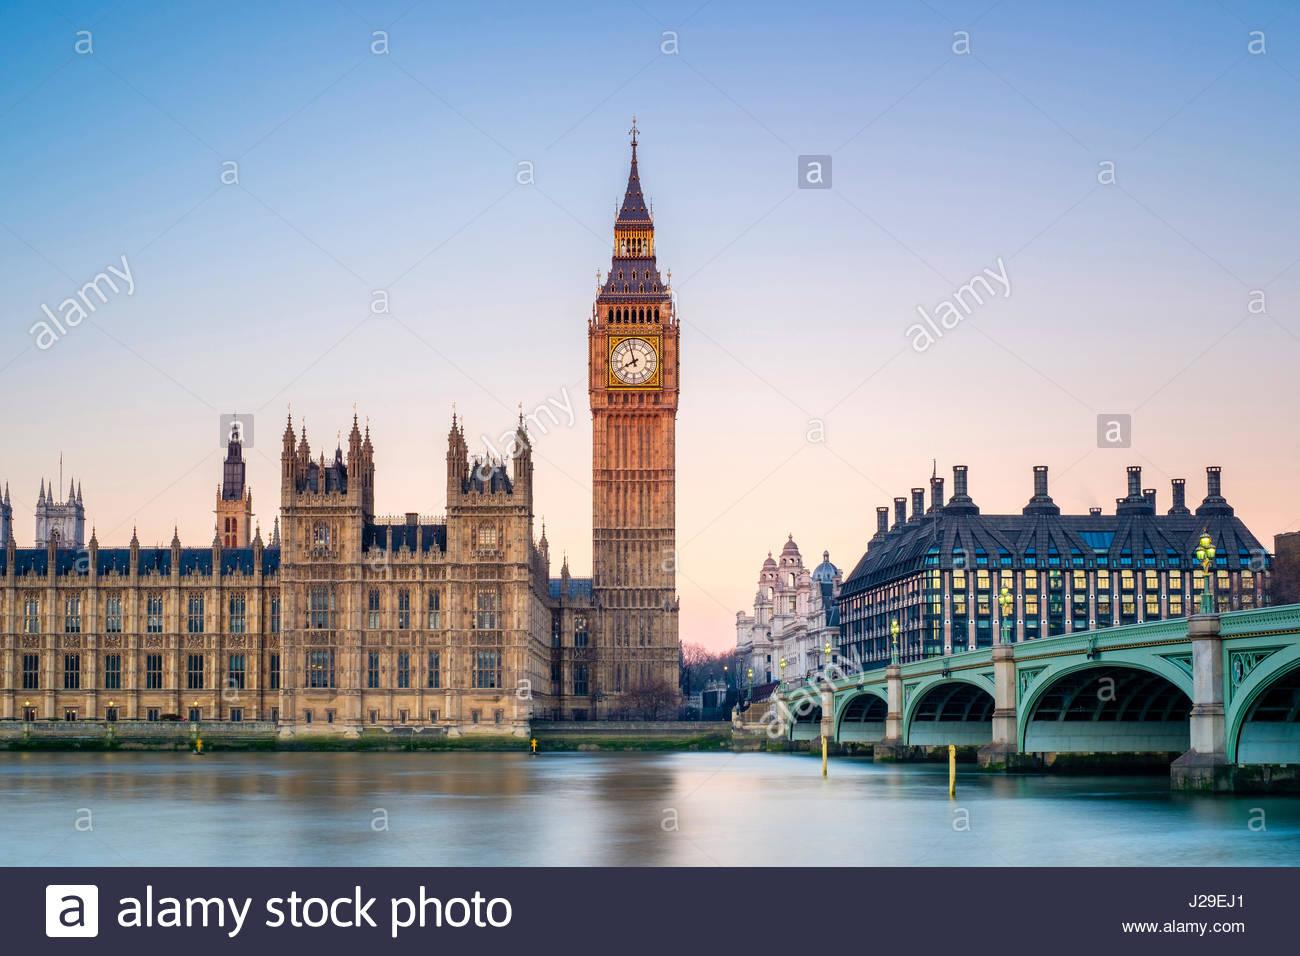 Royaume-uni, Angleterre, Londres. Le pont de Westminster, le Palais de Westminster et la tour de l'horloge de Big Banque D'Images